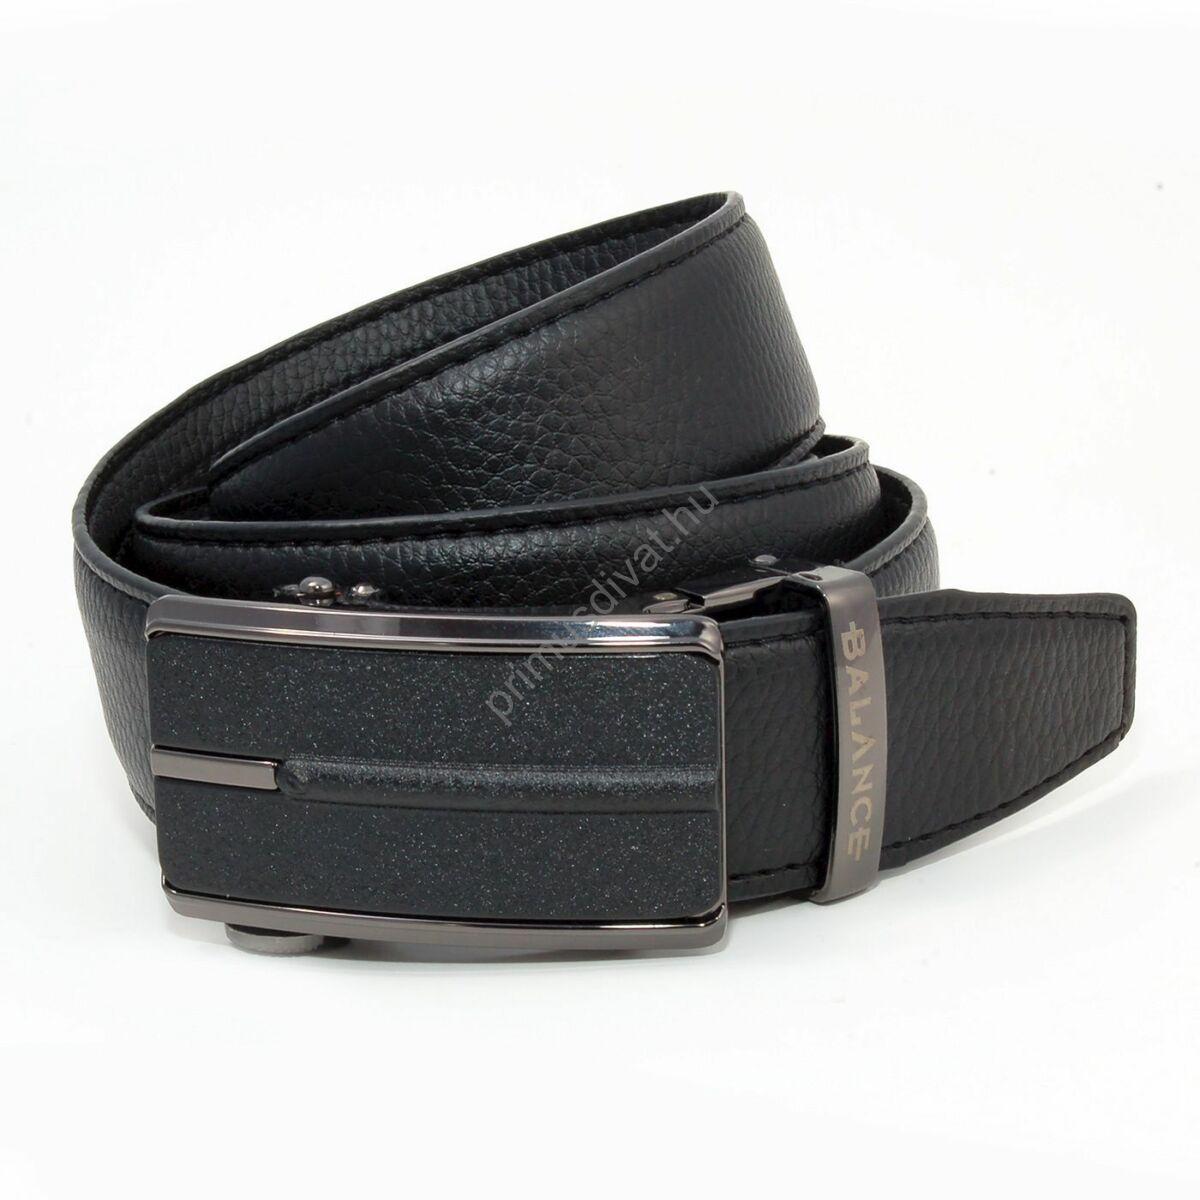 Balance racsnis záródású, varrott fekete bőrszíjas, gravírozott bújtatójú fekete műanyag betétes antikolt hatású fém csatos öv